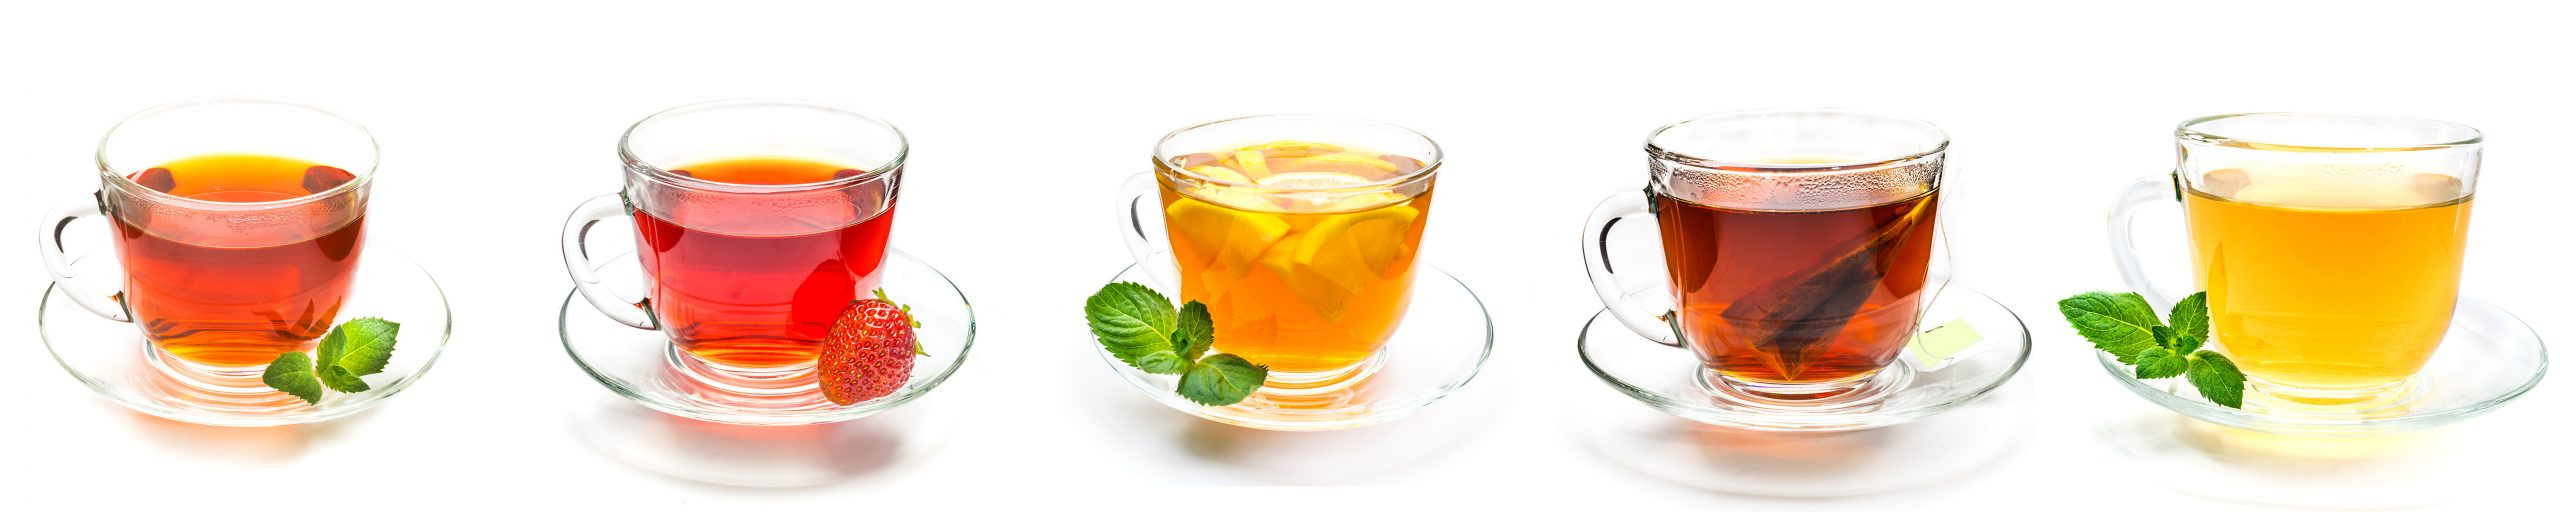 A row of clear teas